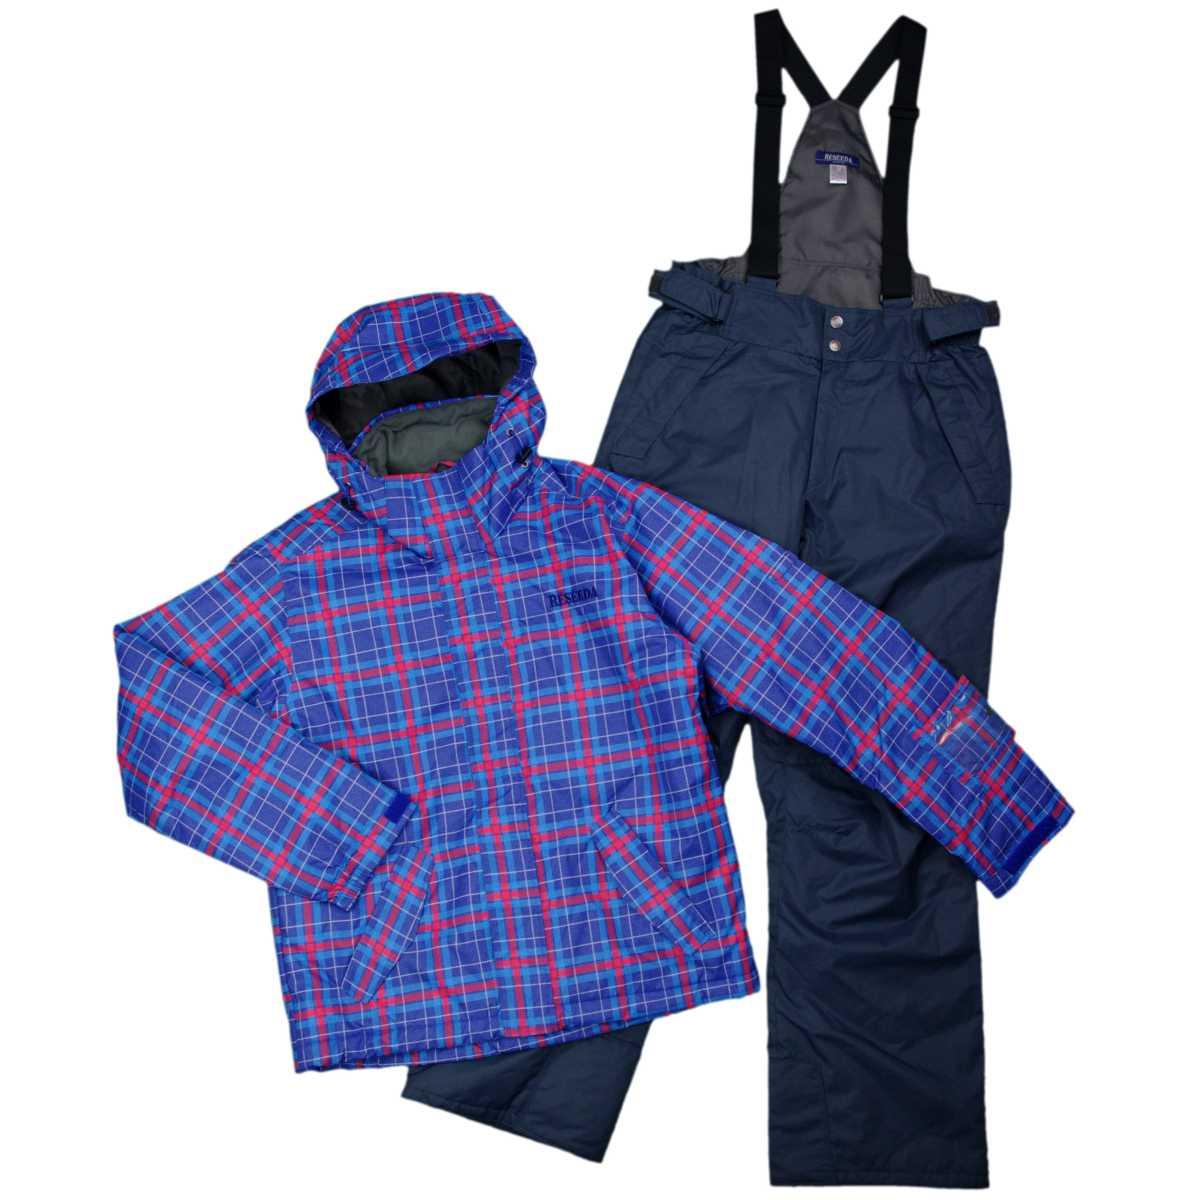 メンズ オンヨネ スキーウェア上下セット 耐水圧:3,000mm チェック柄 ウエア サンプル品 (ネイビー/チャコール Lサイズ) メンズ スキーウェア 全1色